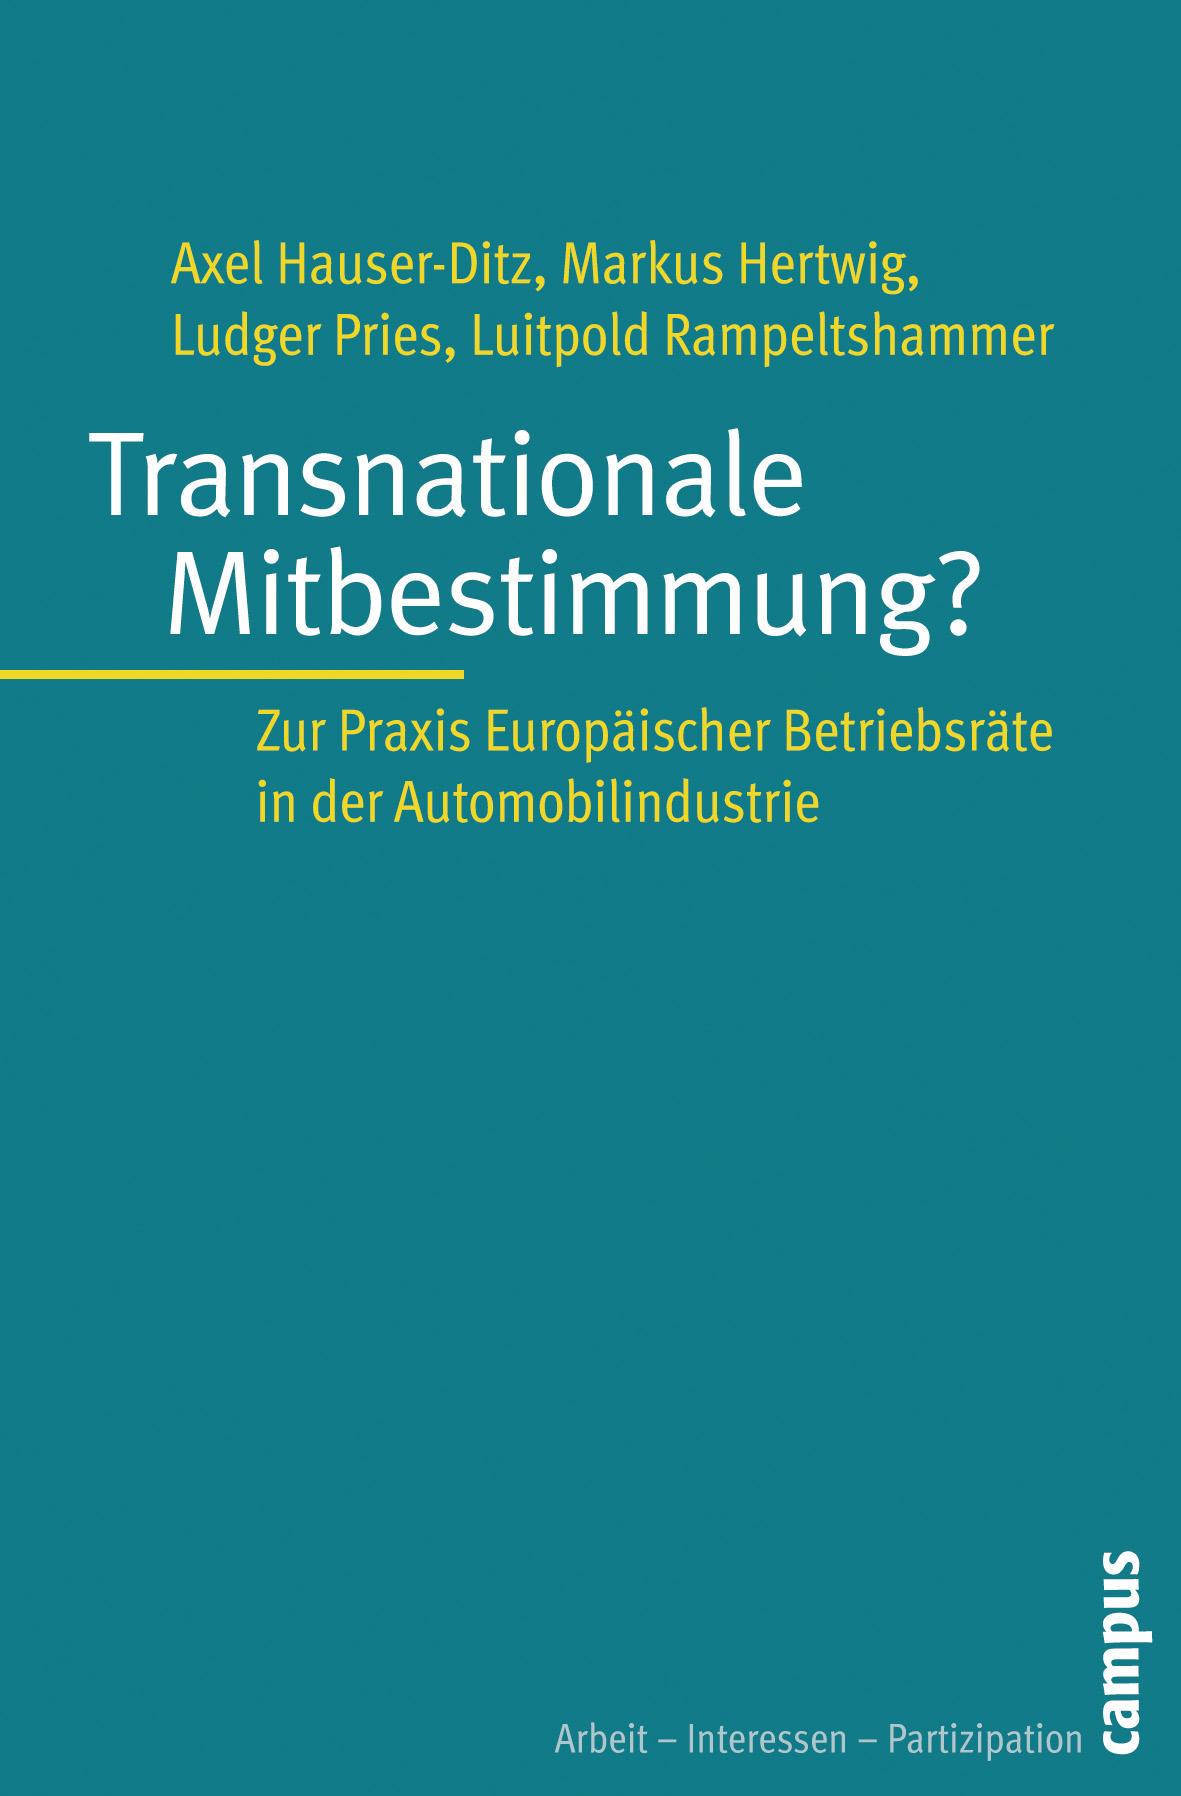 Transnationale Mitbestimmung?: Zur Praxis Europ...